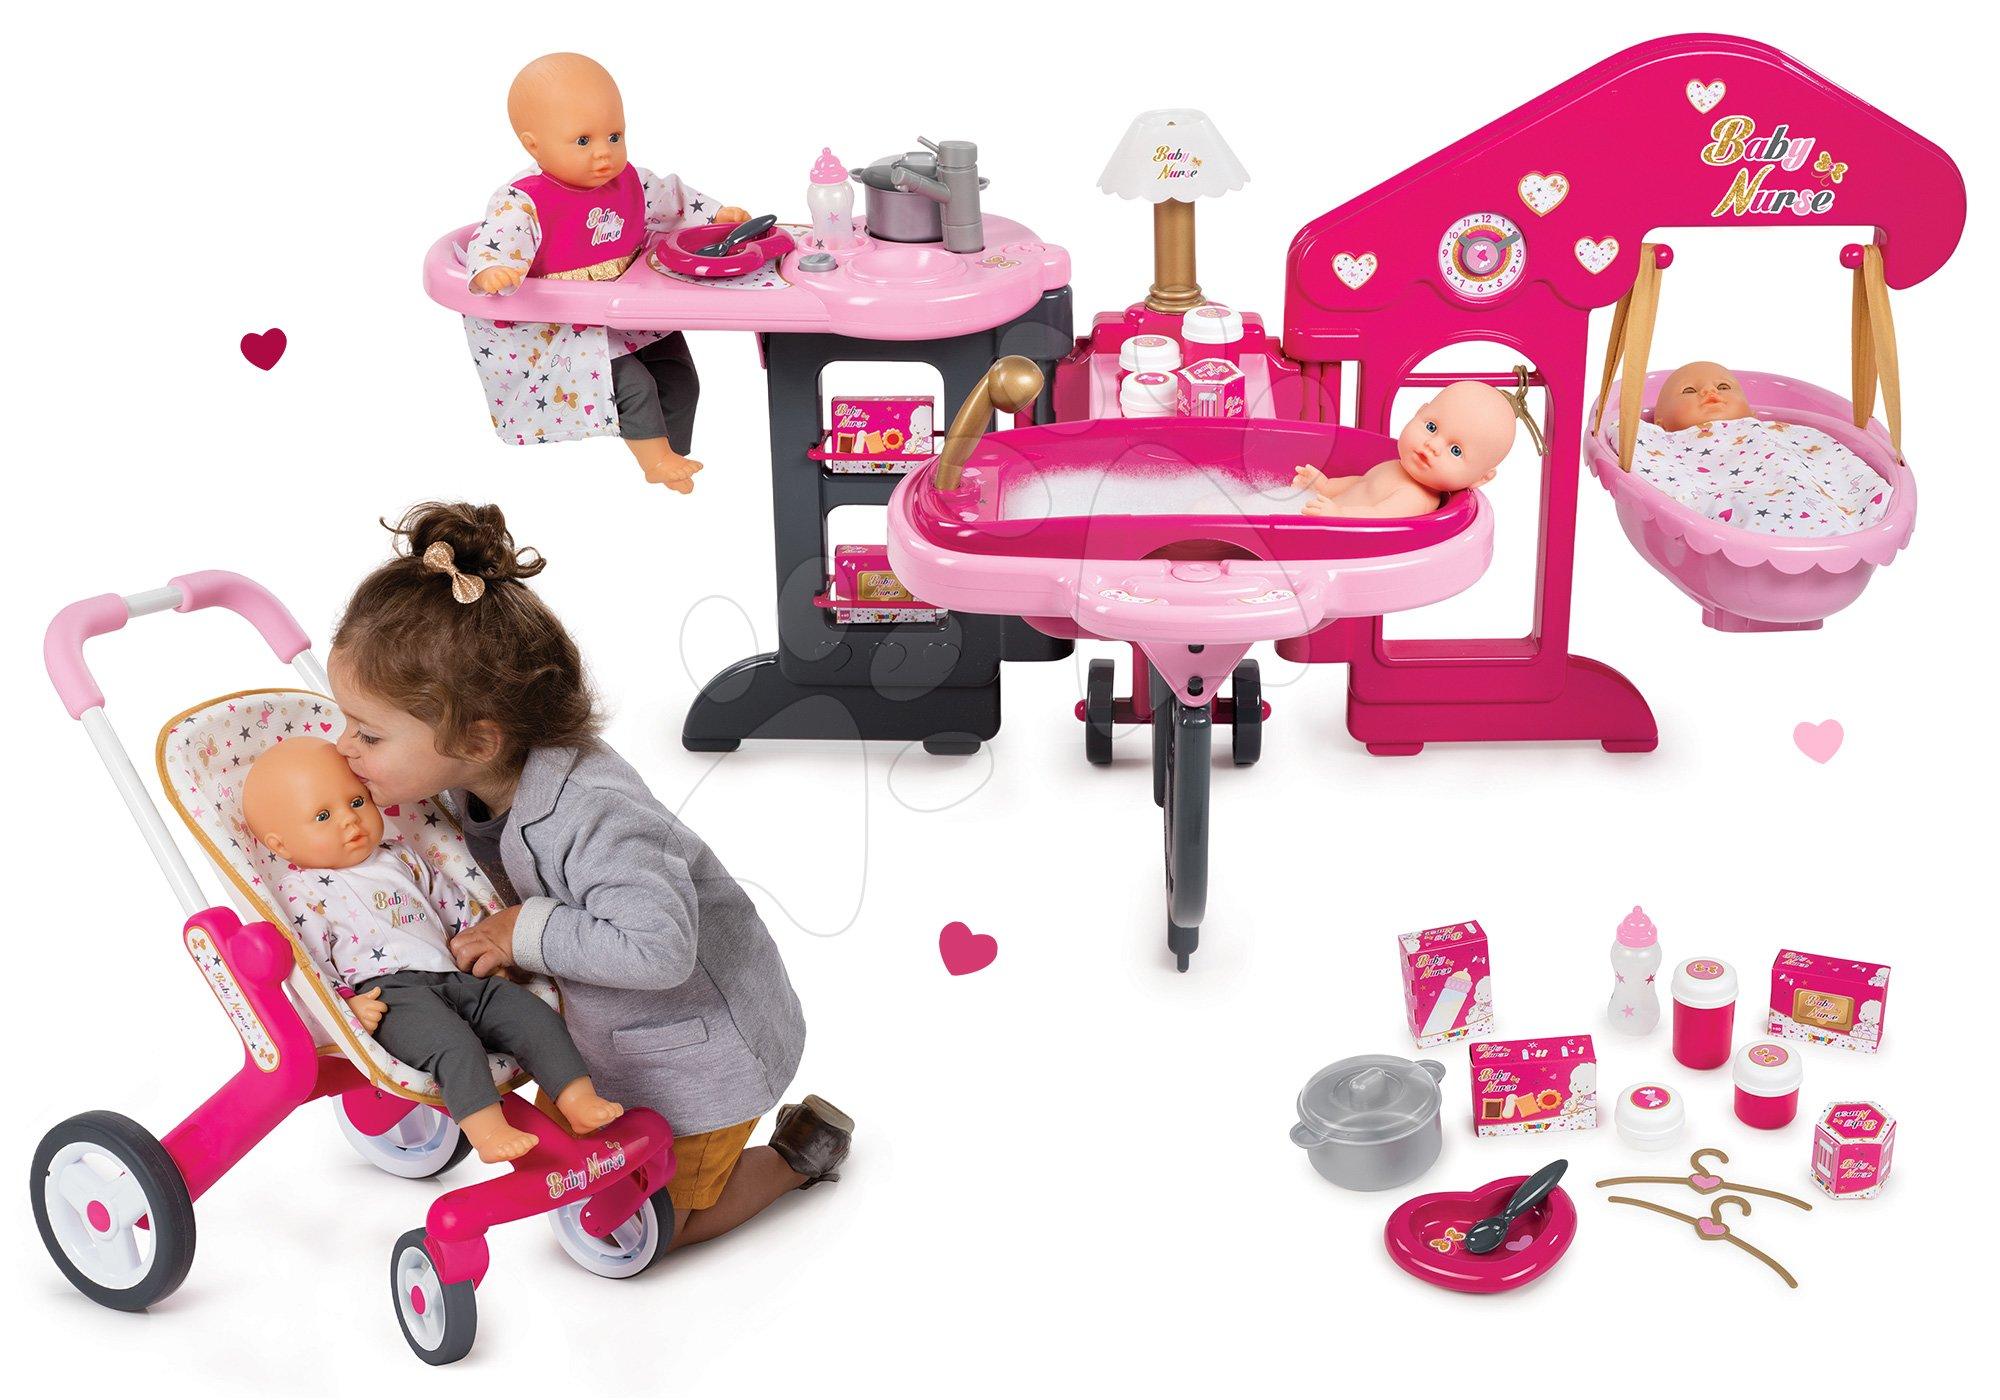 Szett babacenter Baby Nurse Smoby és játék babakocsi Baby Nurse Arany  kiadás (53 e9aad247b4